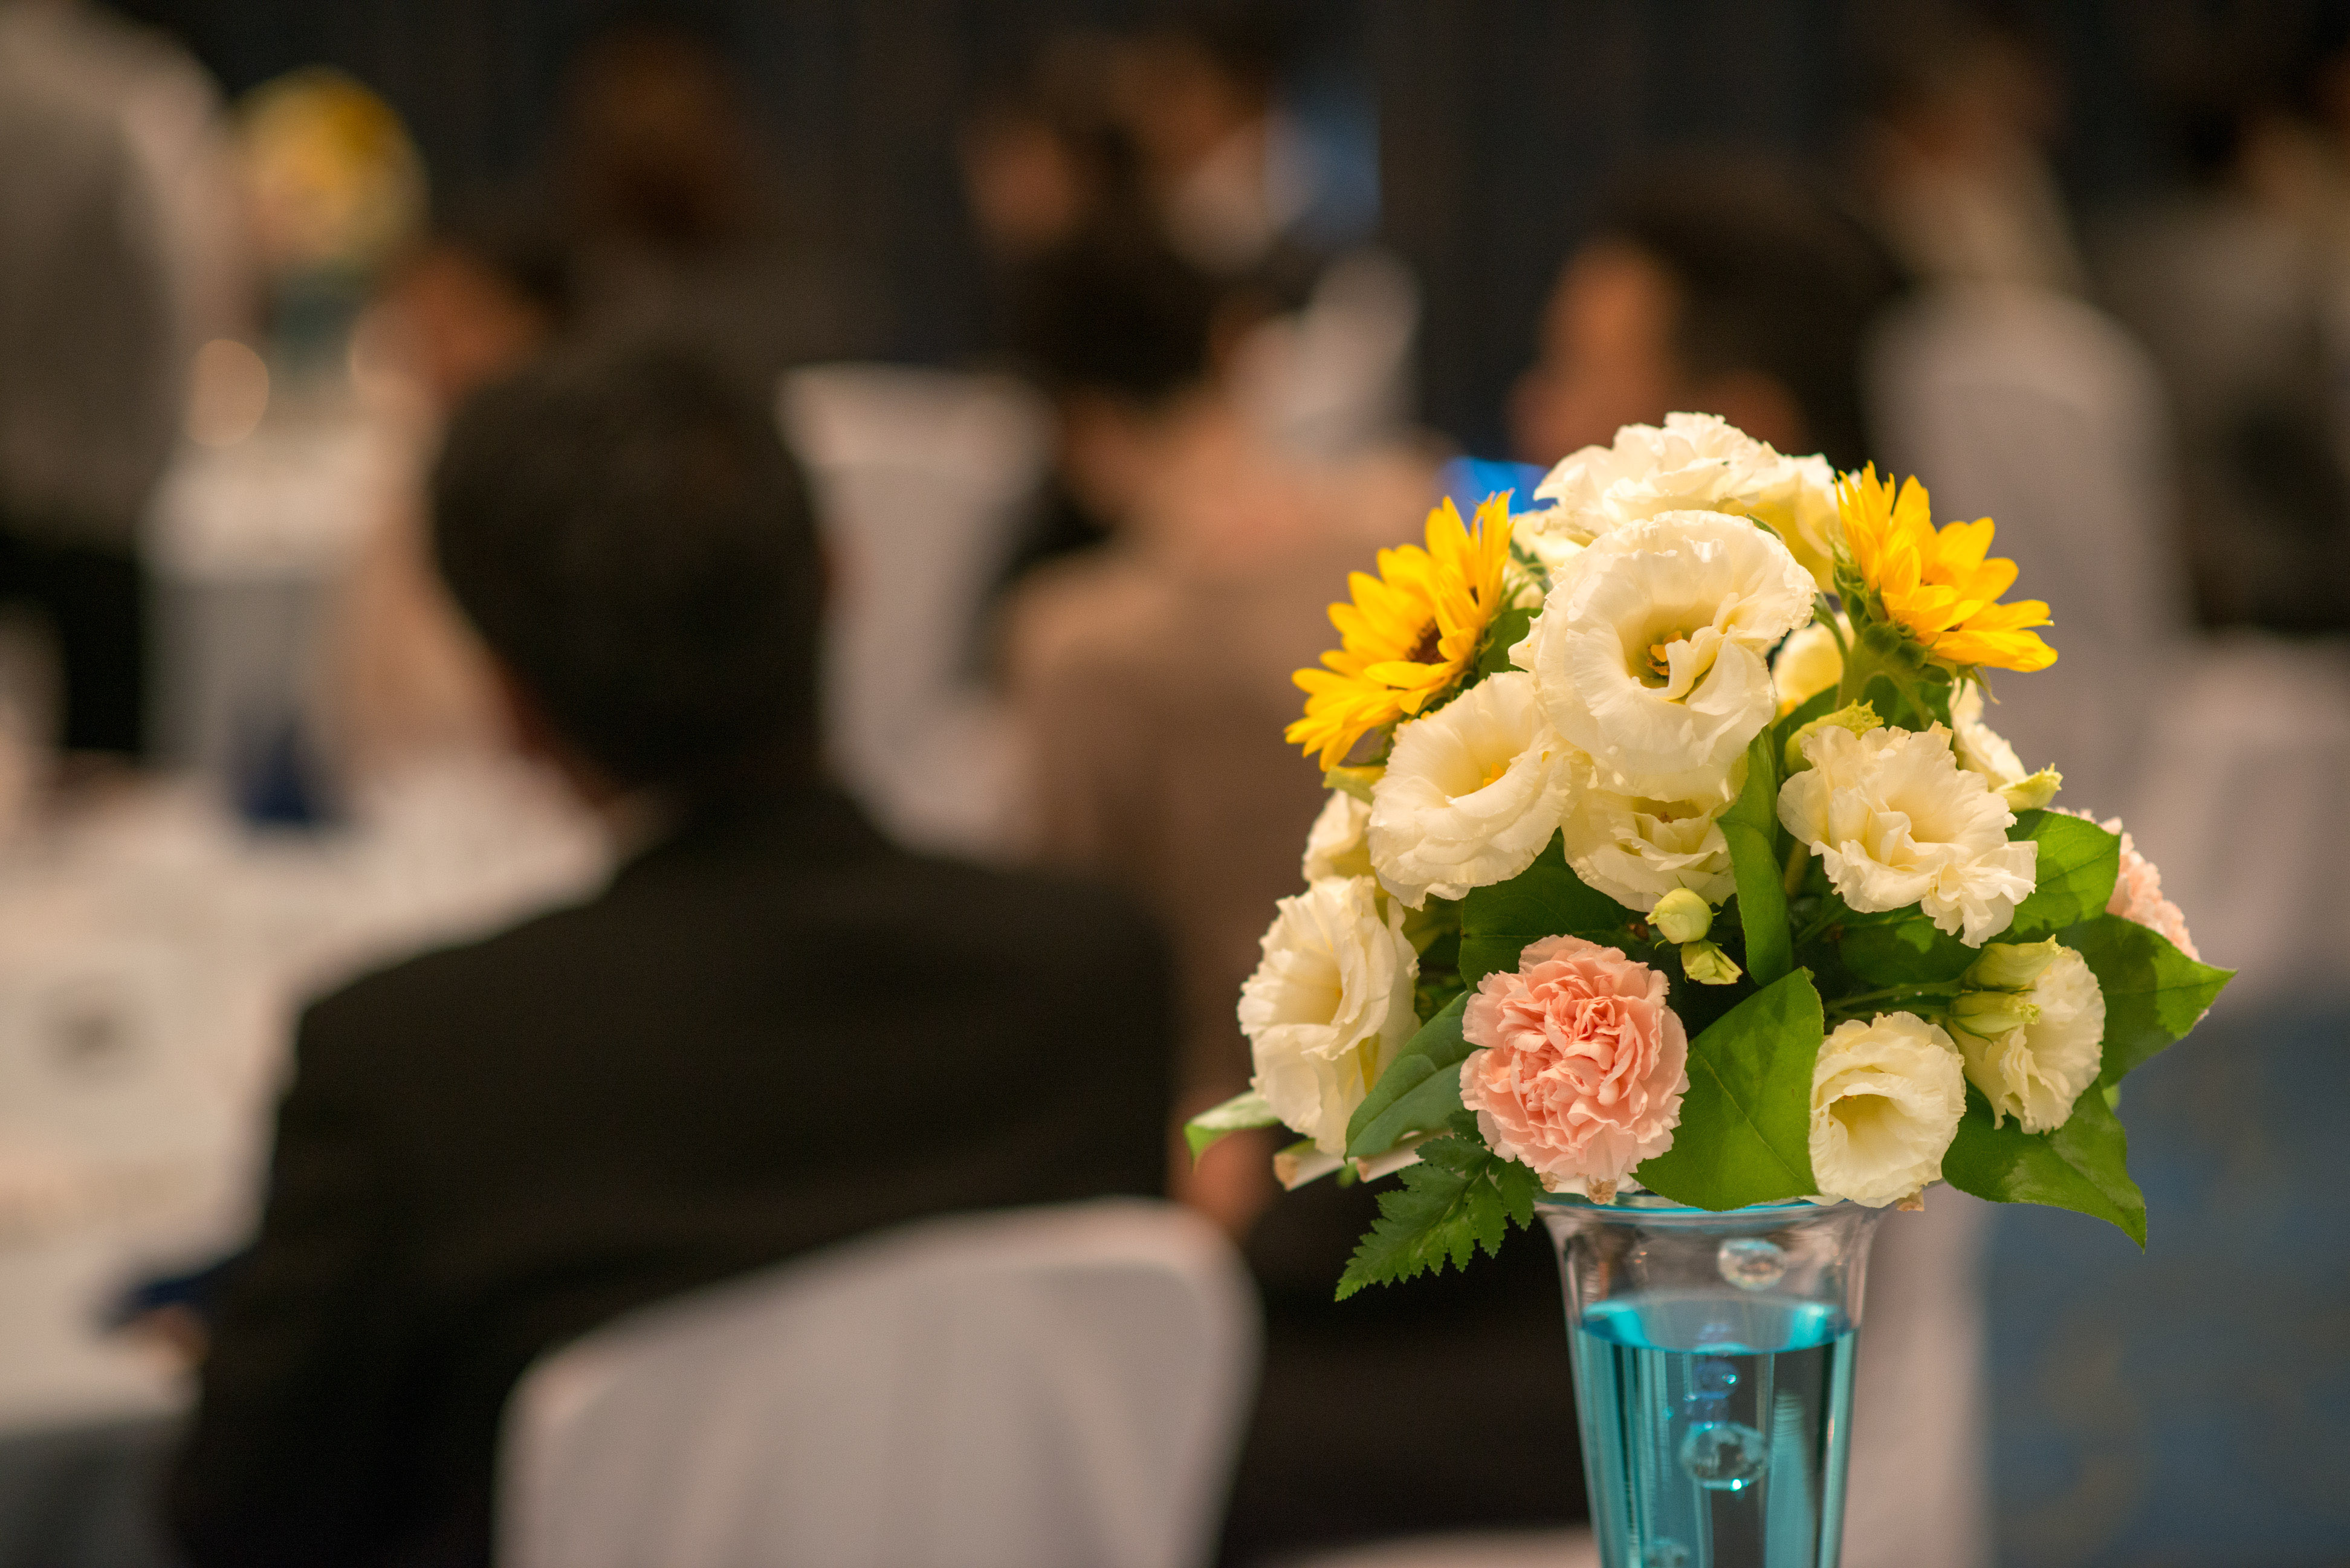 結婚式で使う音楽(曲)を全て自作した件(披露宴のゲスト入場、着席編)